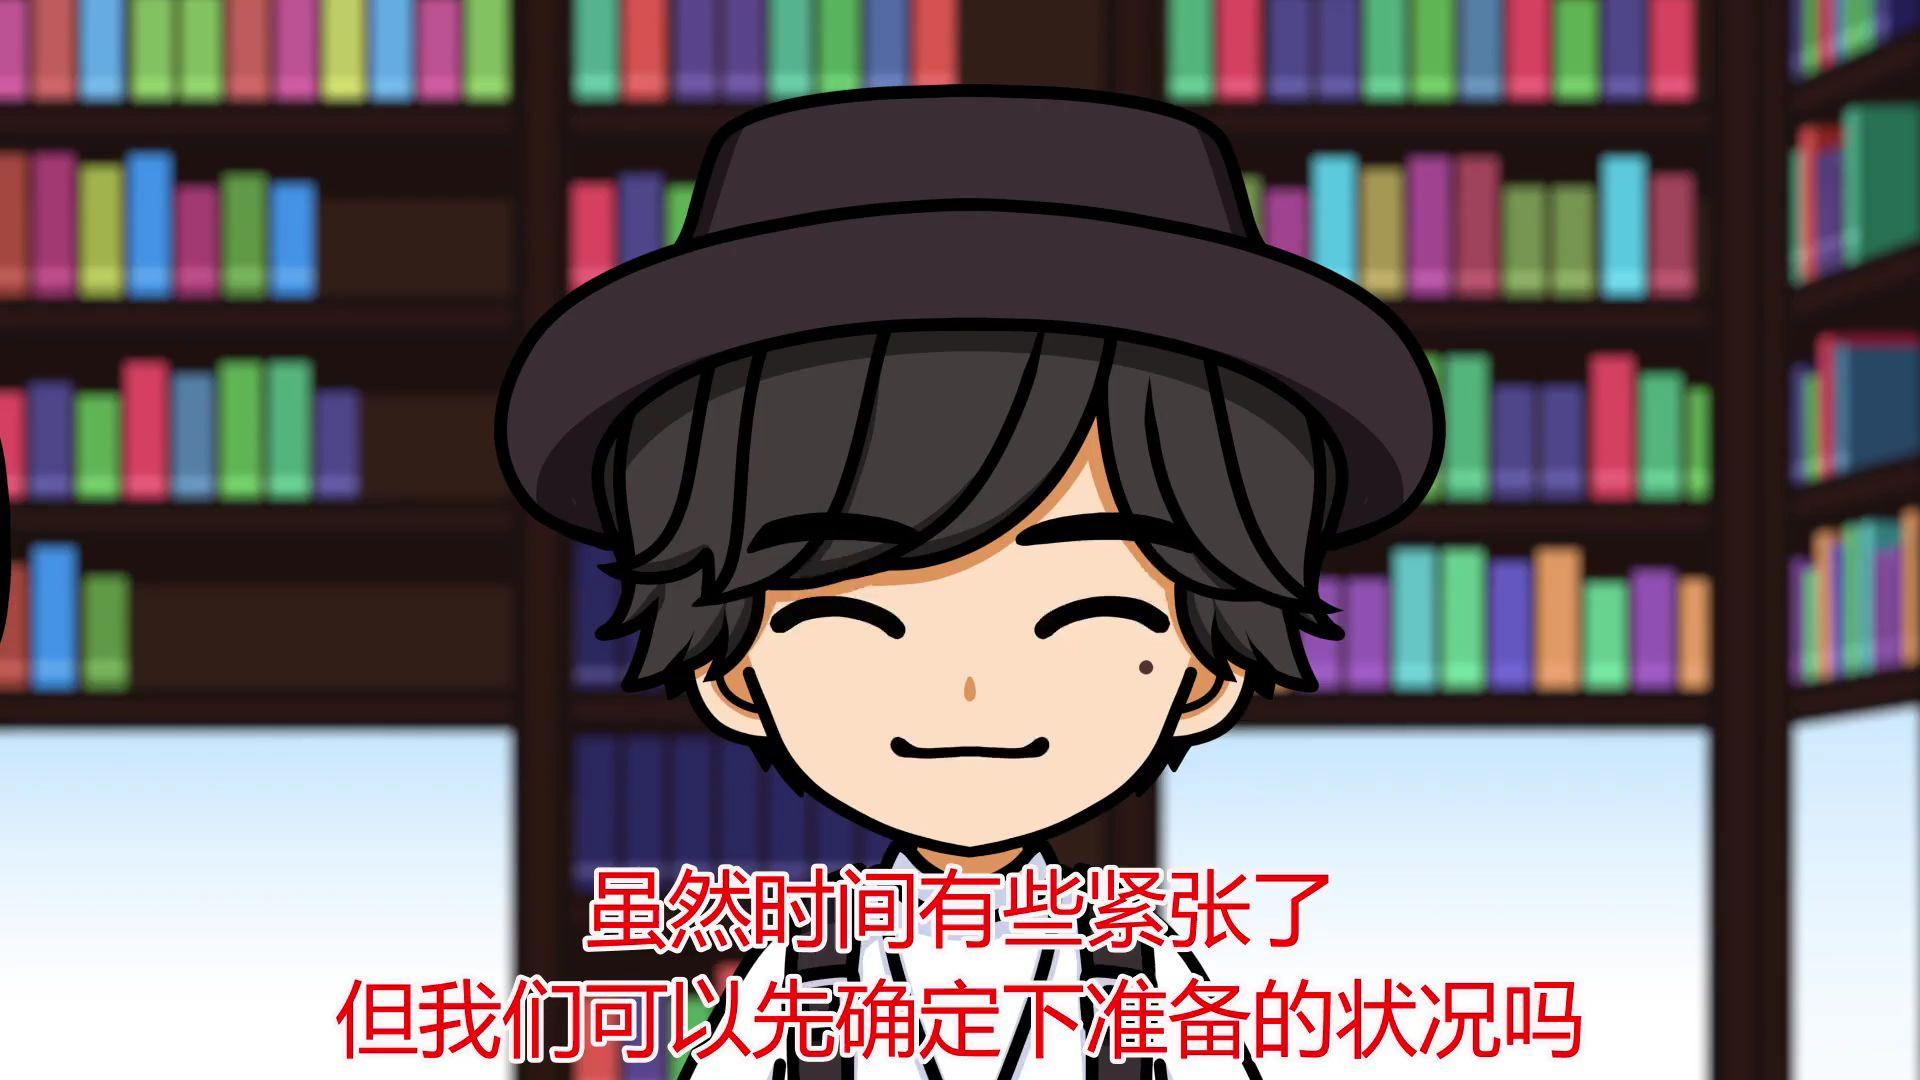 假面骑士圣刃短篇动画 第1集